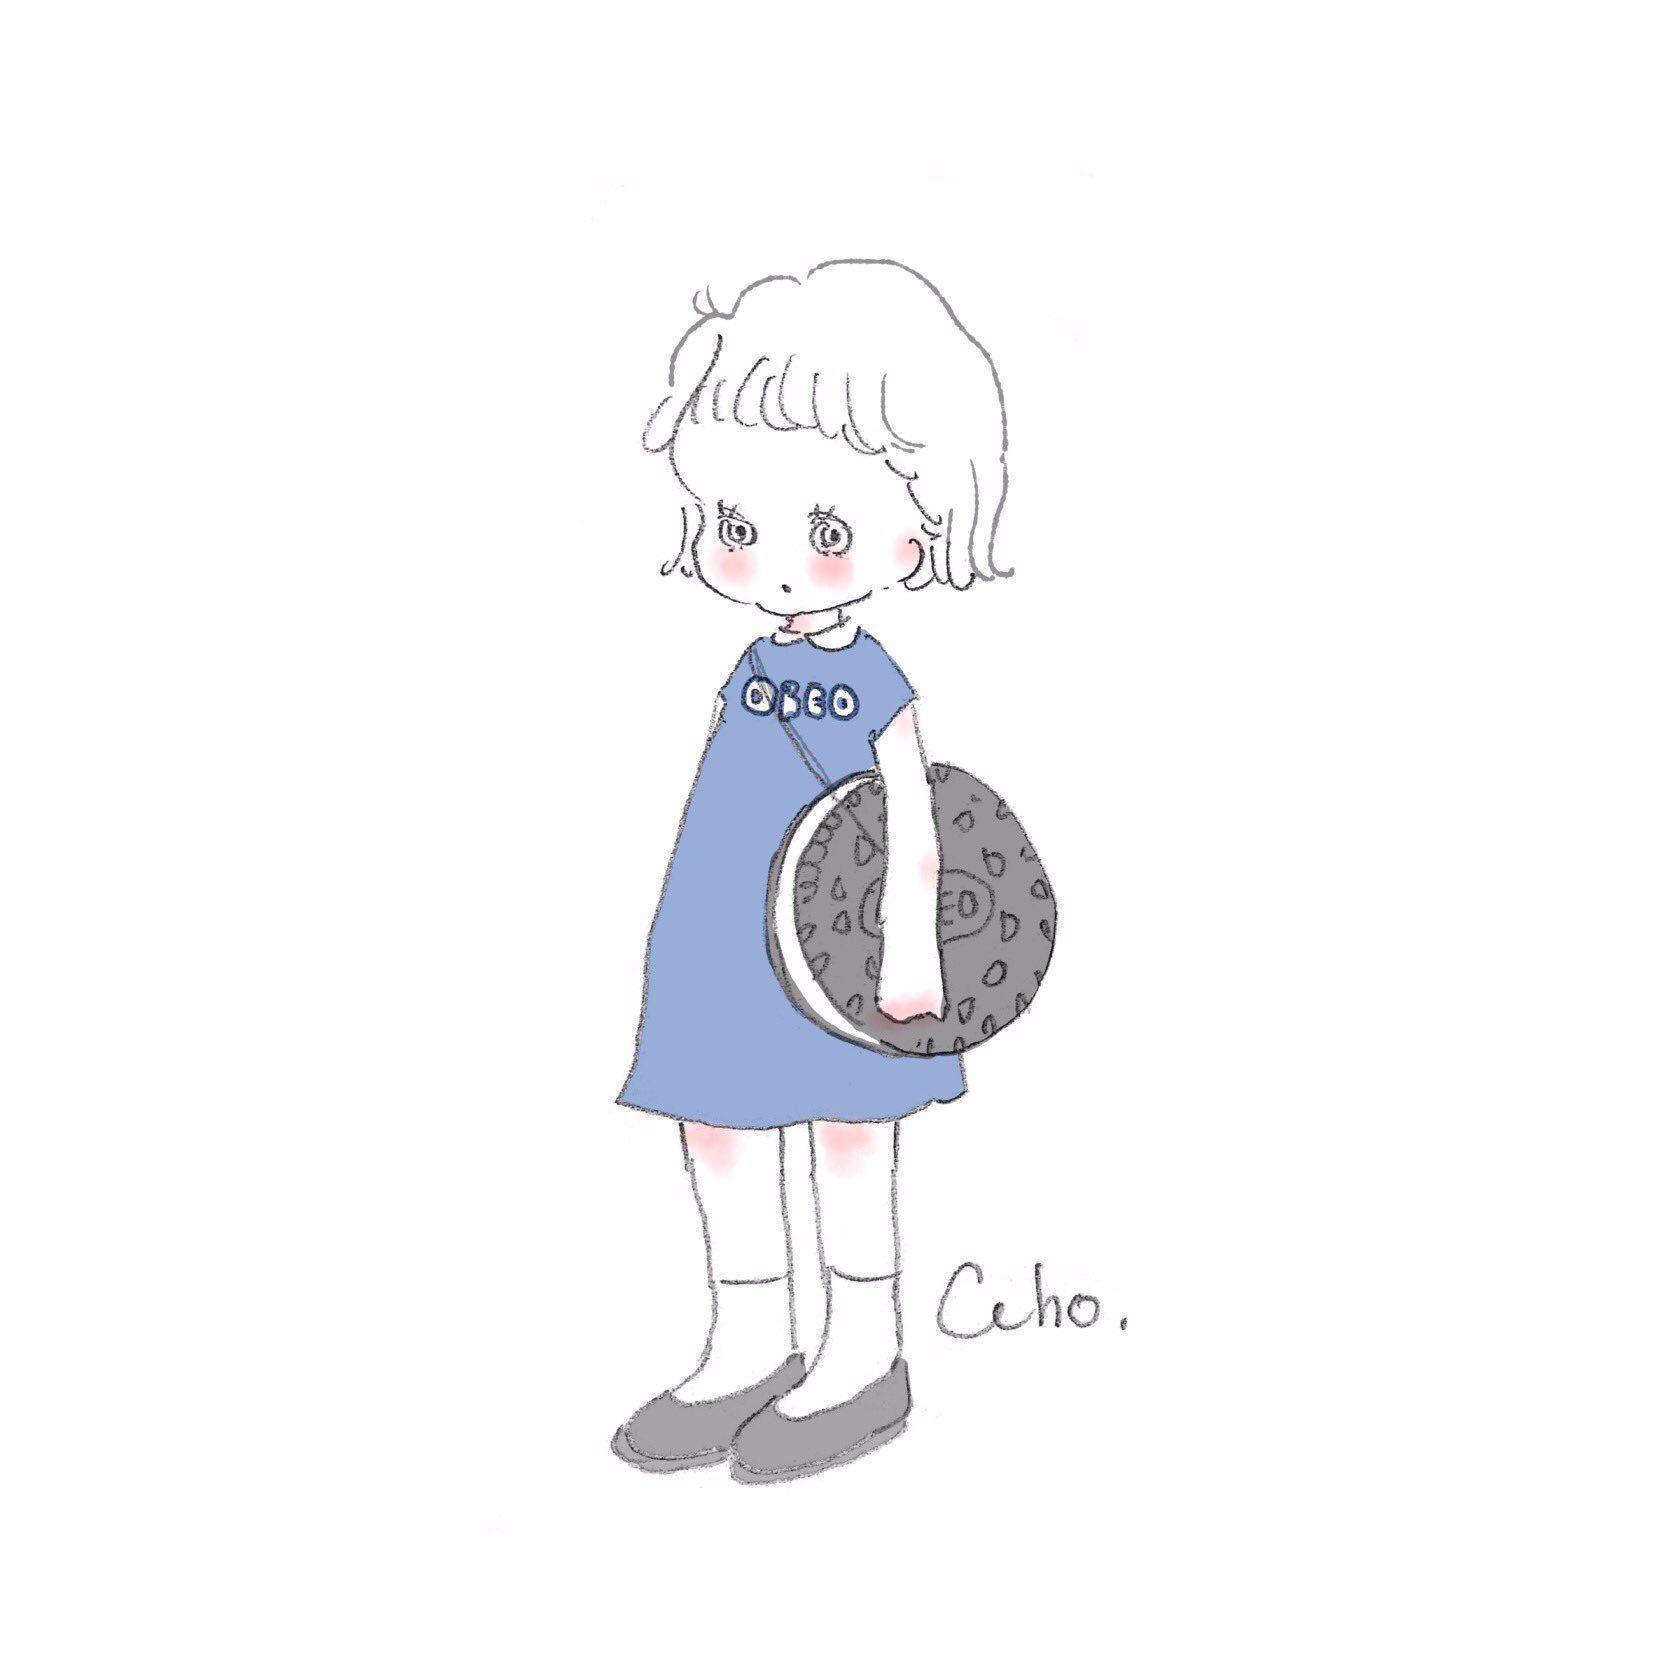 Caho さん おしゃれまとめの人気アイデア Pinterest ゆか アイコン かわいい Line アイコン かわいい かわいいスケッチ